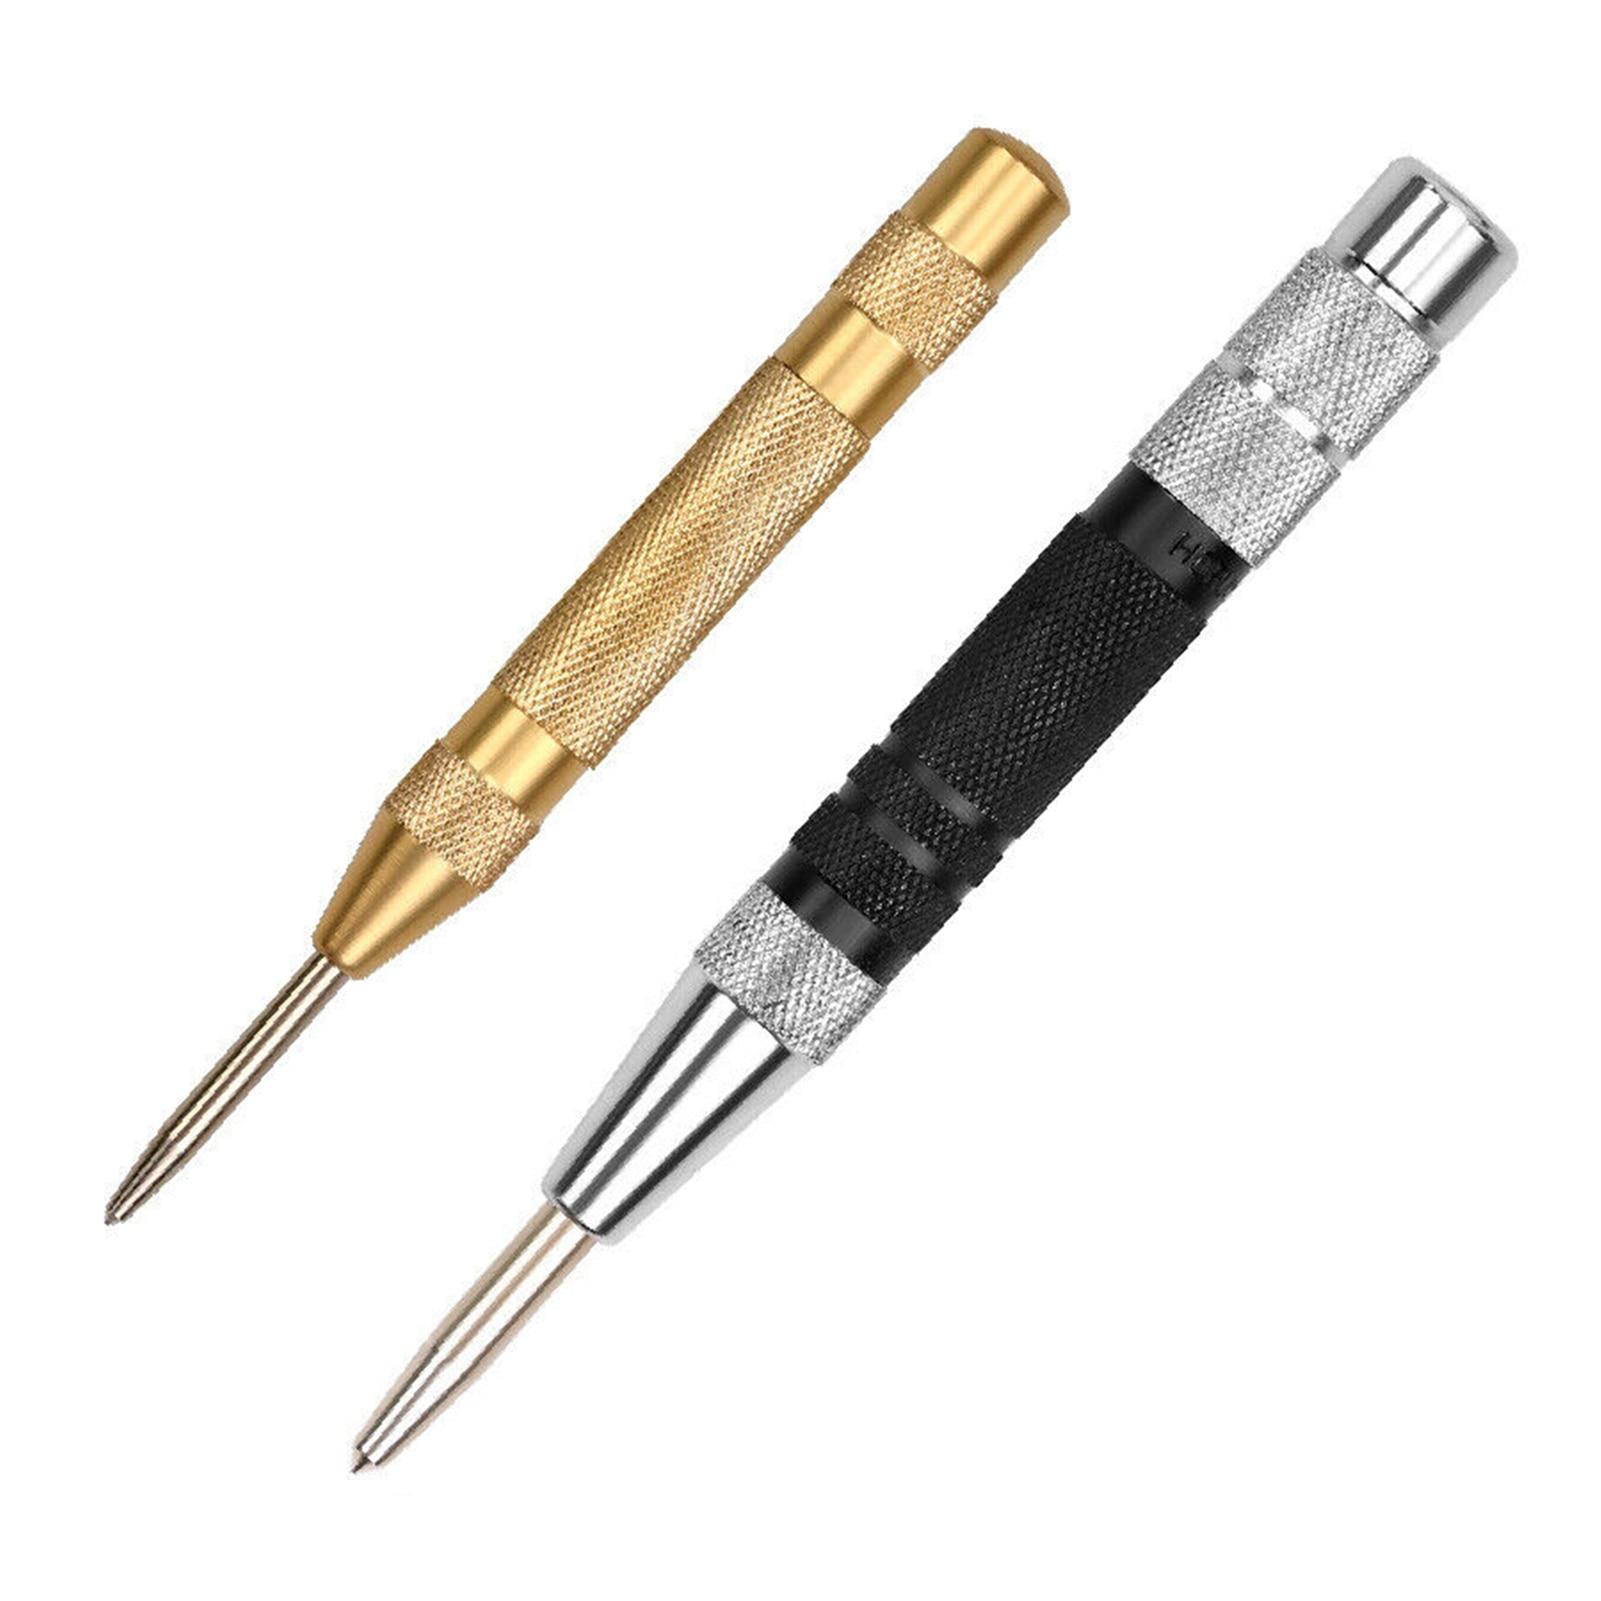 2 шт. Прочный Автоматический кернер, регулируемый пружинный металлический сверлильный инструмент